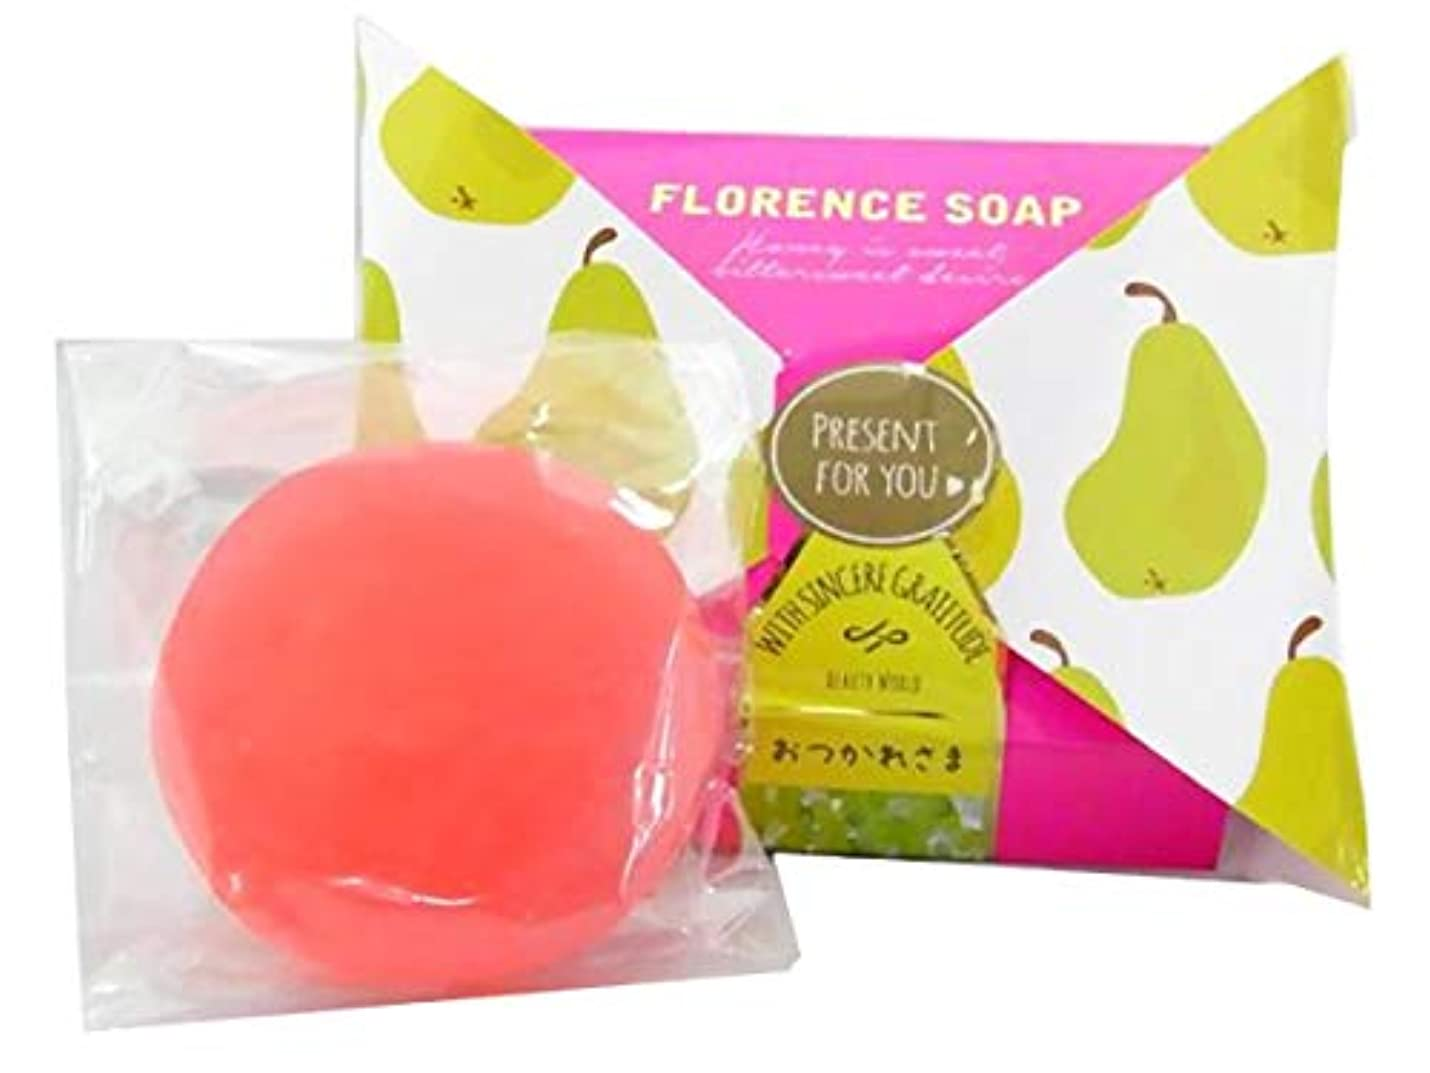 押し下げる珍しい浪費ビューティーワールド BWフローレンスの香り石けん リボンパッケージ 6個セット FSP386?蜜の甘く切ない願い